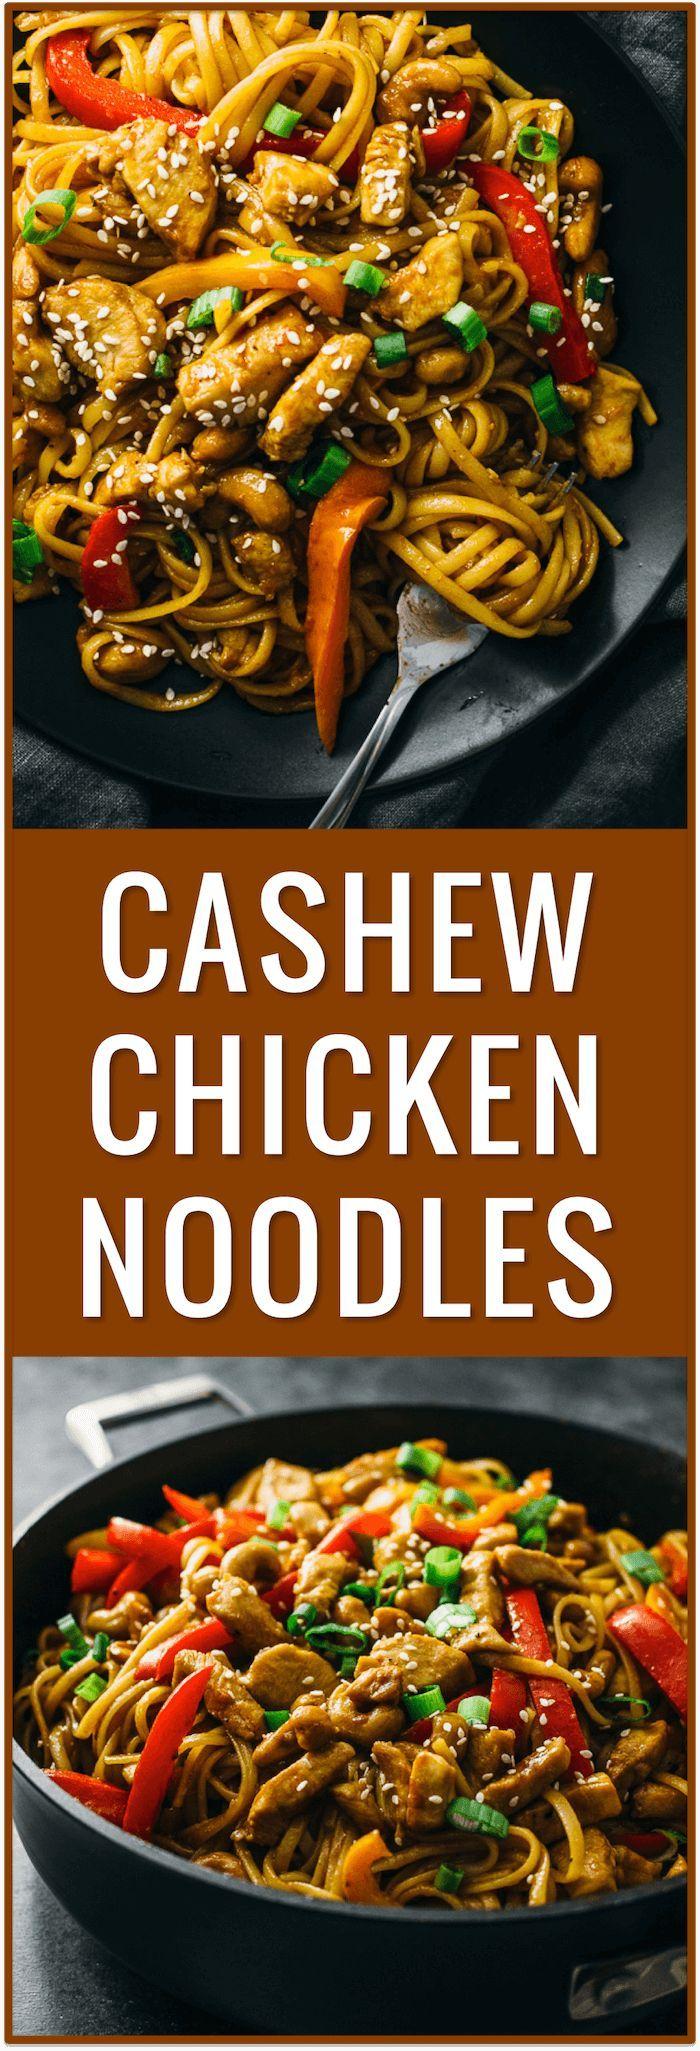 Cashew Chicken Noodles, Spicy, Sauce, Thai, Recipe, Easy -9572